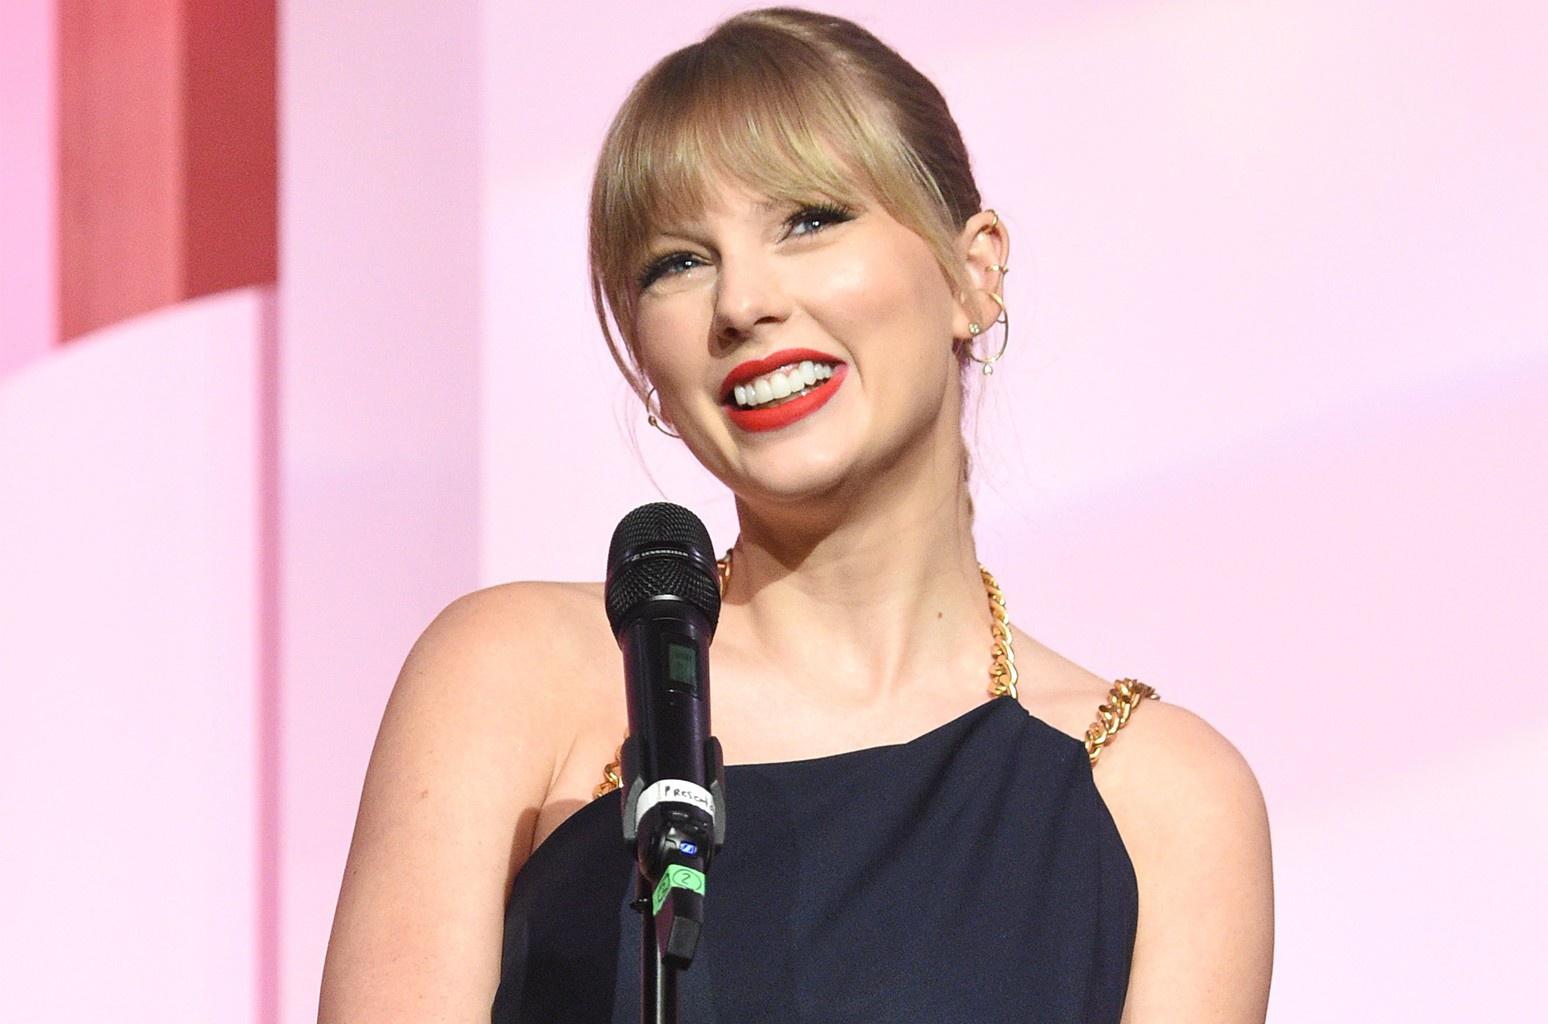 Taylor Swift đứng đầu danh sách Nhạc sĩ kiếm tiền nhiều nhất 2020 - Ảnh 1.